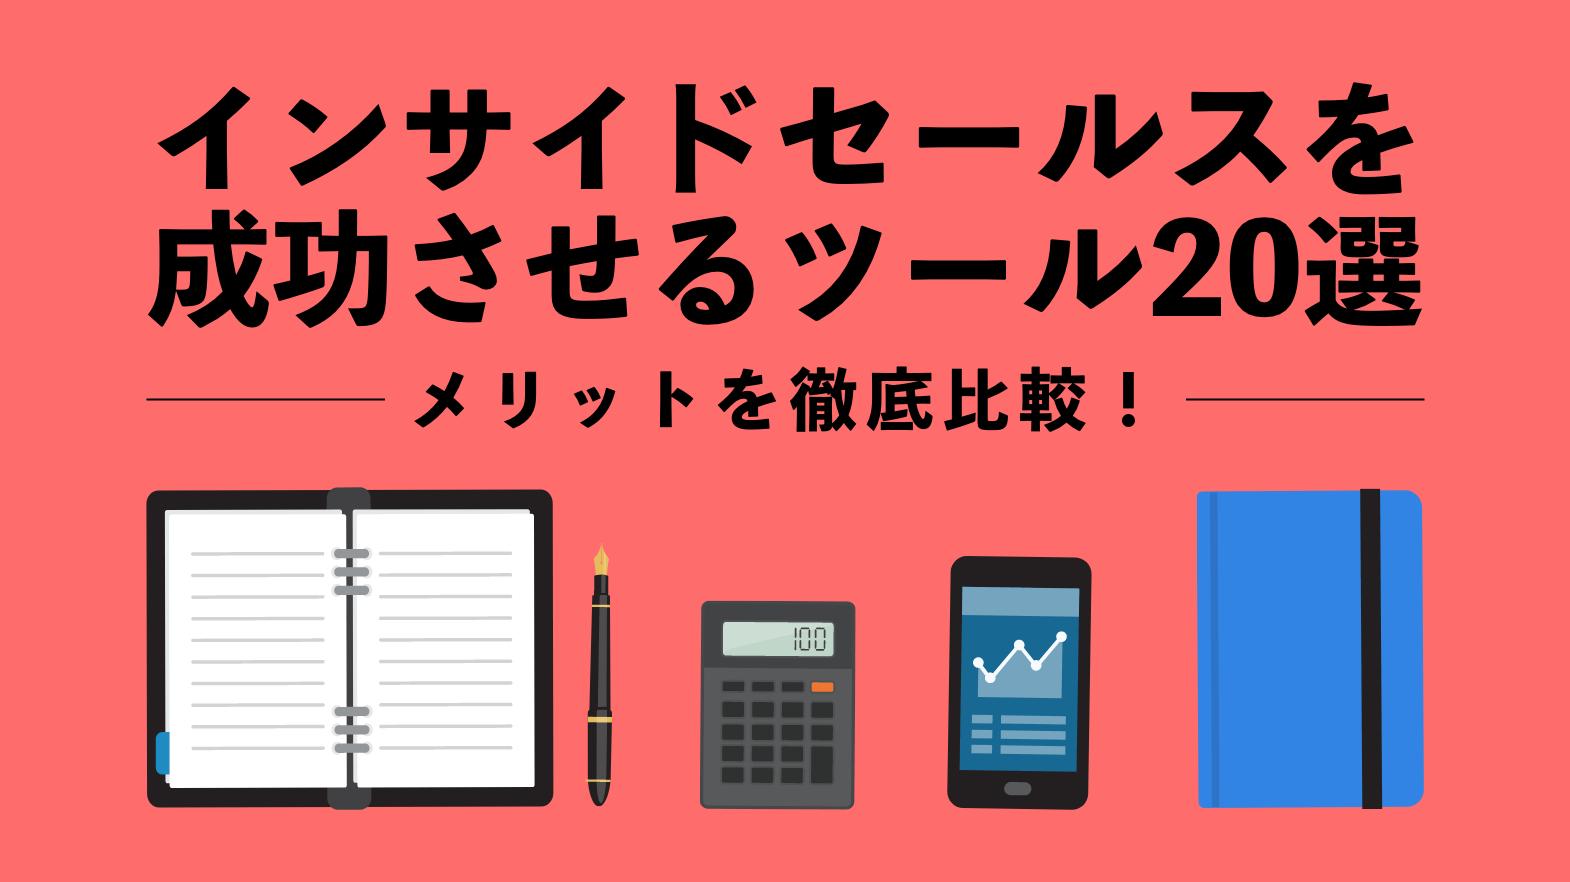 インサイドセールスを成功させるツール20選~メリットを徹底比較!~